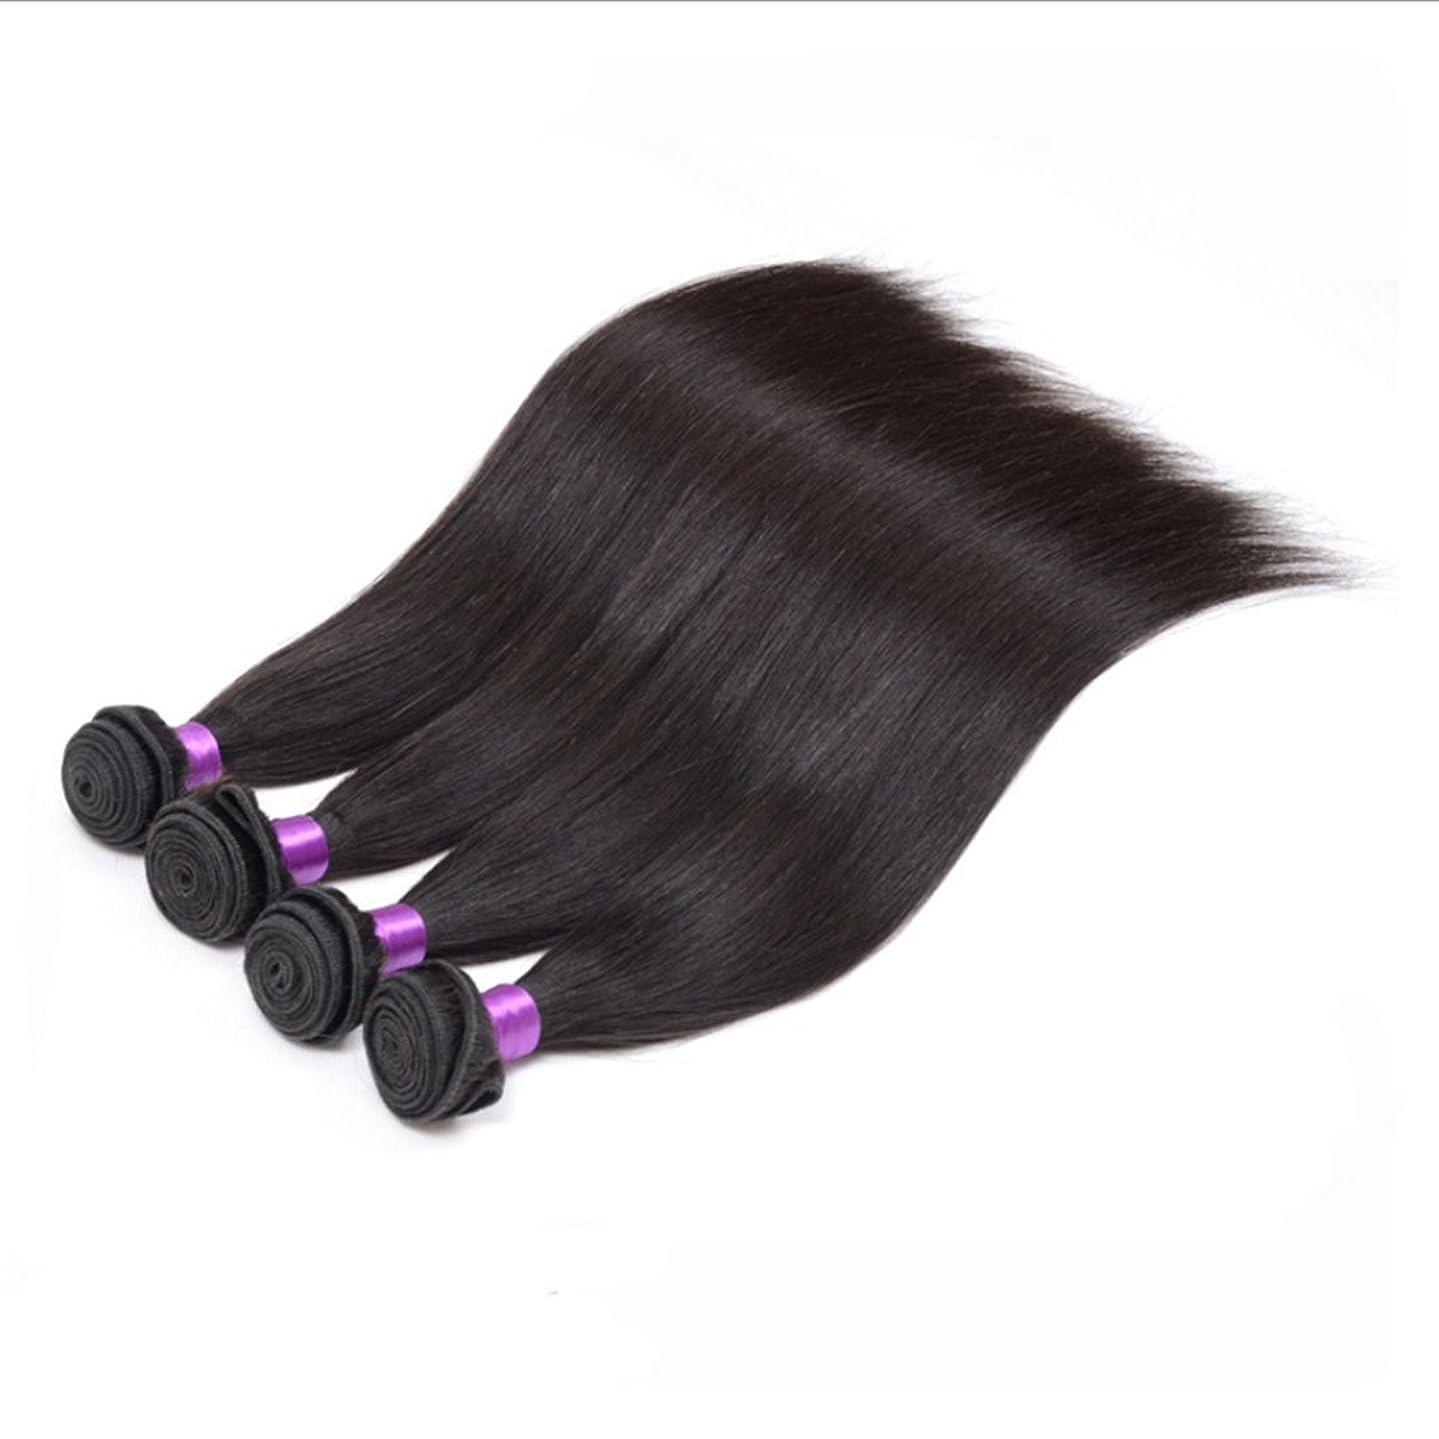 信じる急行する寺院BOBIDYEE 本当に人間の髪の毛の毛髪のかつら人毛ウィッグかつら8?21インチストレートヘア(1バンドル)のかつら本物のかつらロールウィッグロールプレイングかつら (サイズ : 14inch)